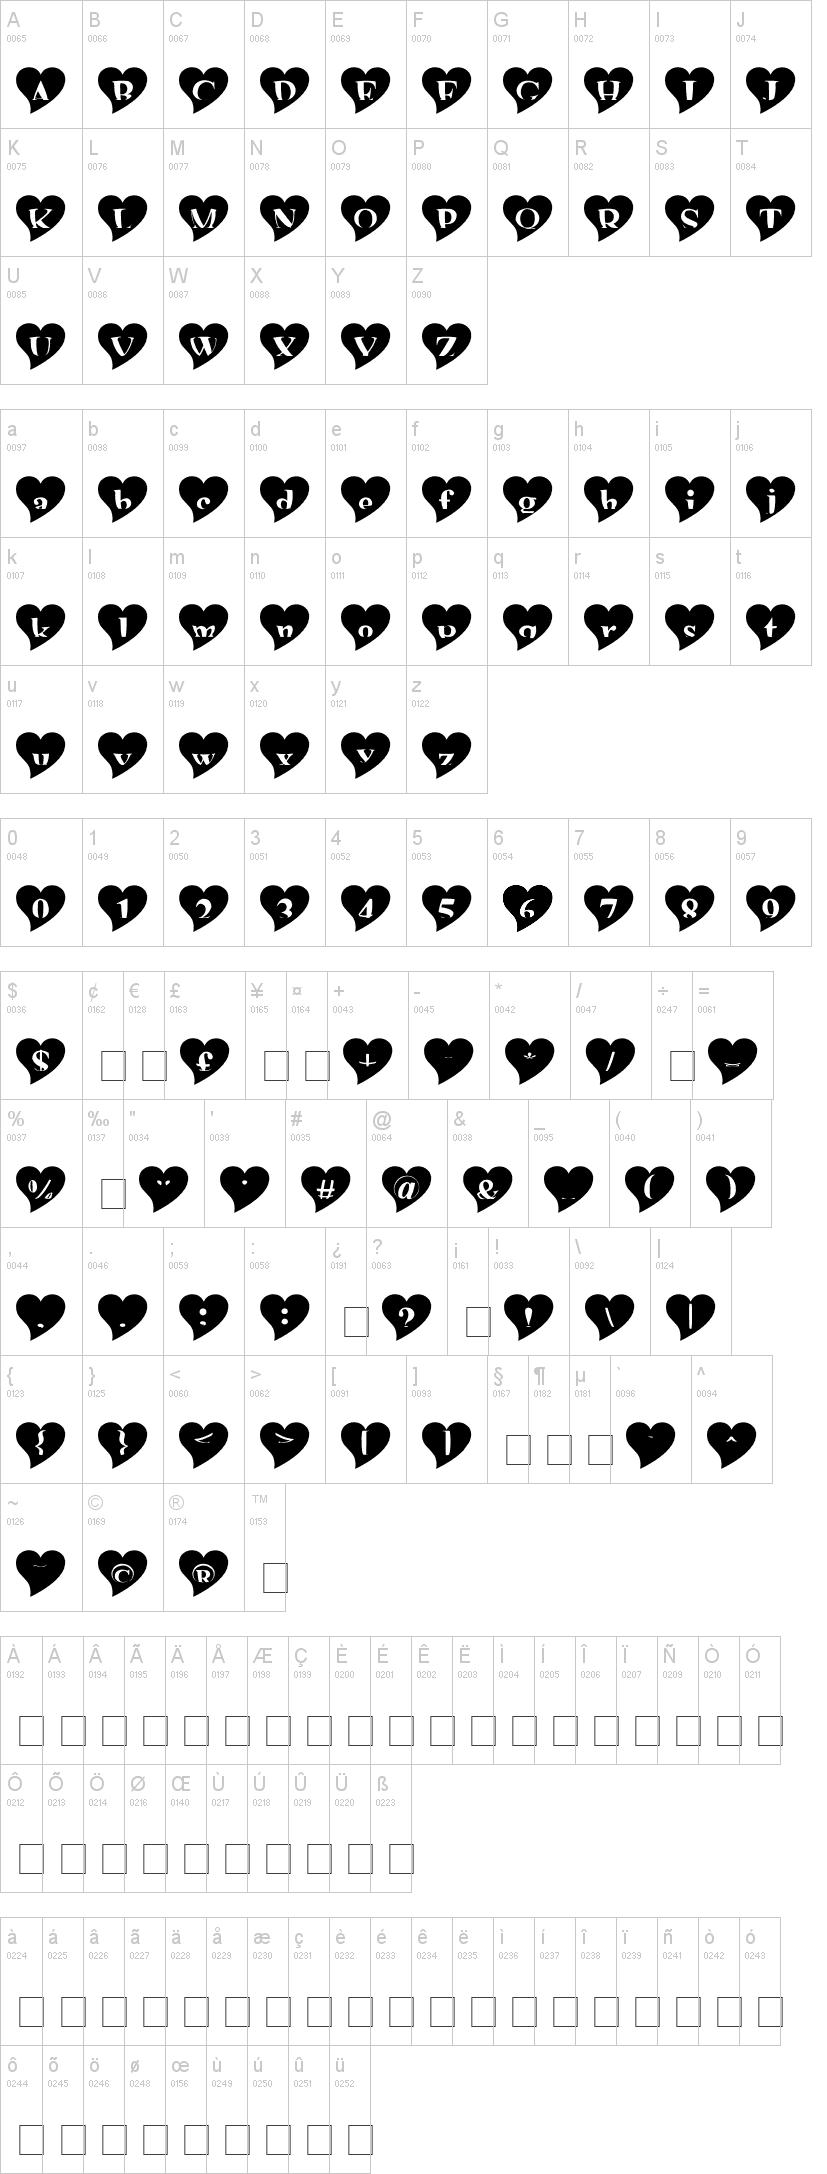 Mashy Valentine